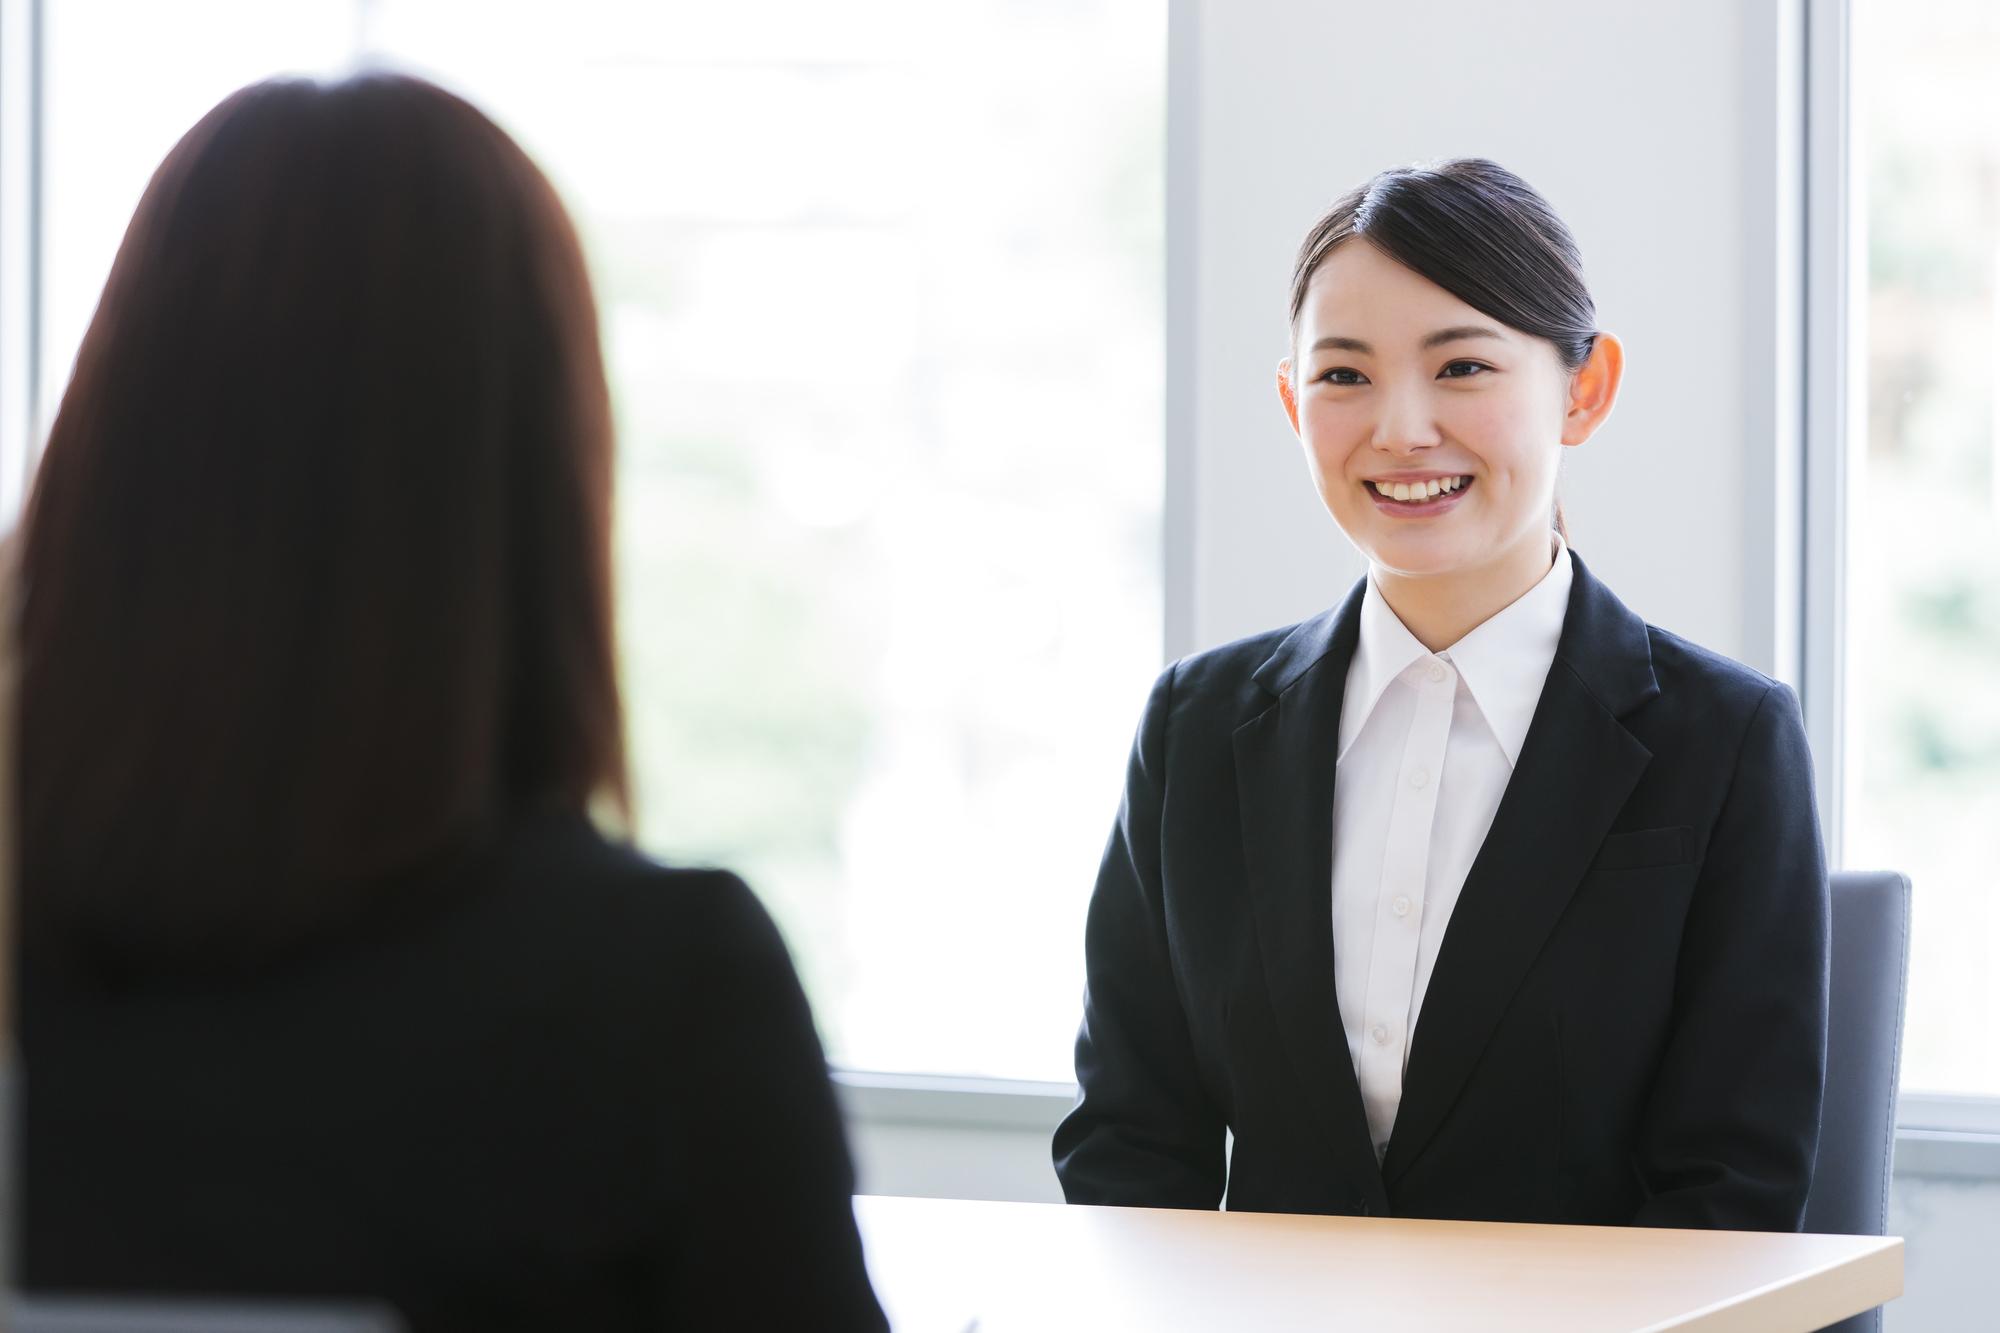 笑顔を自己PRで伝える際に一体何を意識する必要があるか